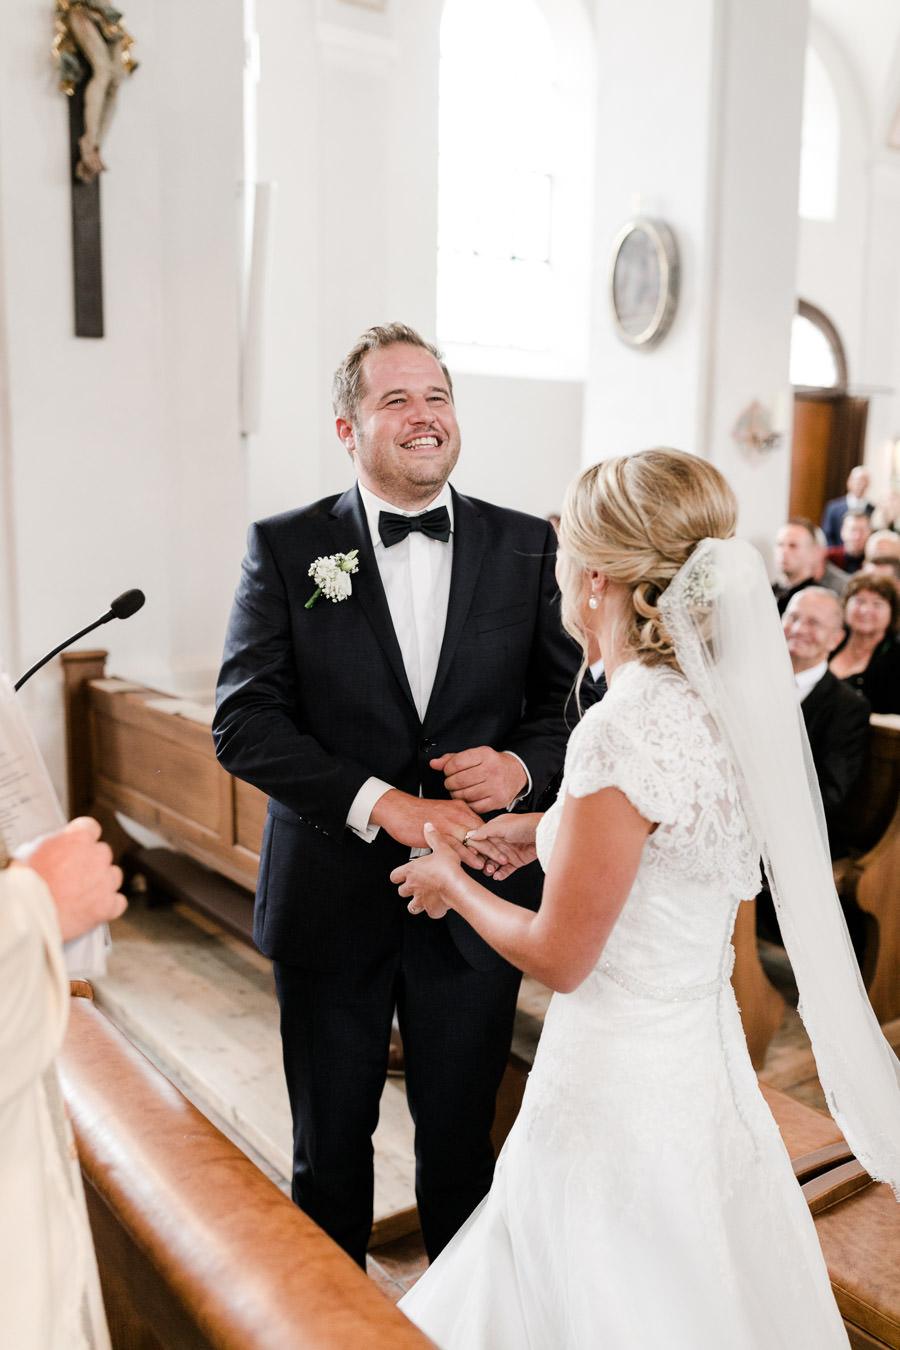 Die Braut steckt ihrem Bräutigam den Ring an.